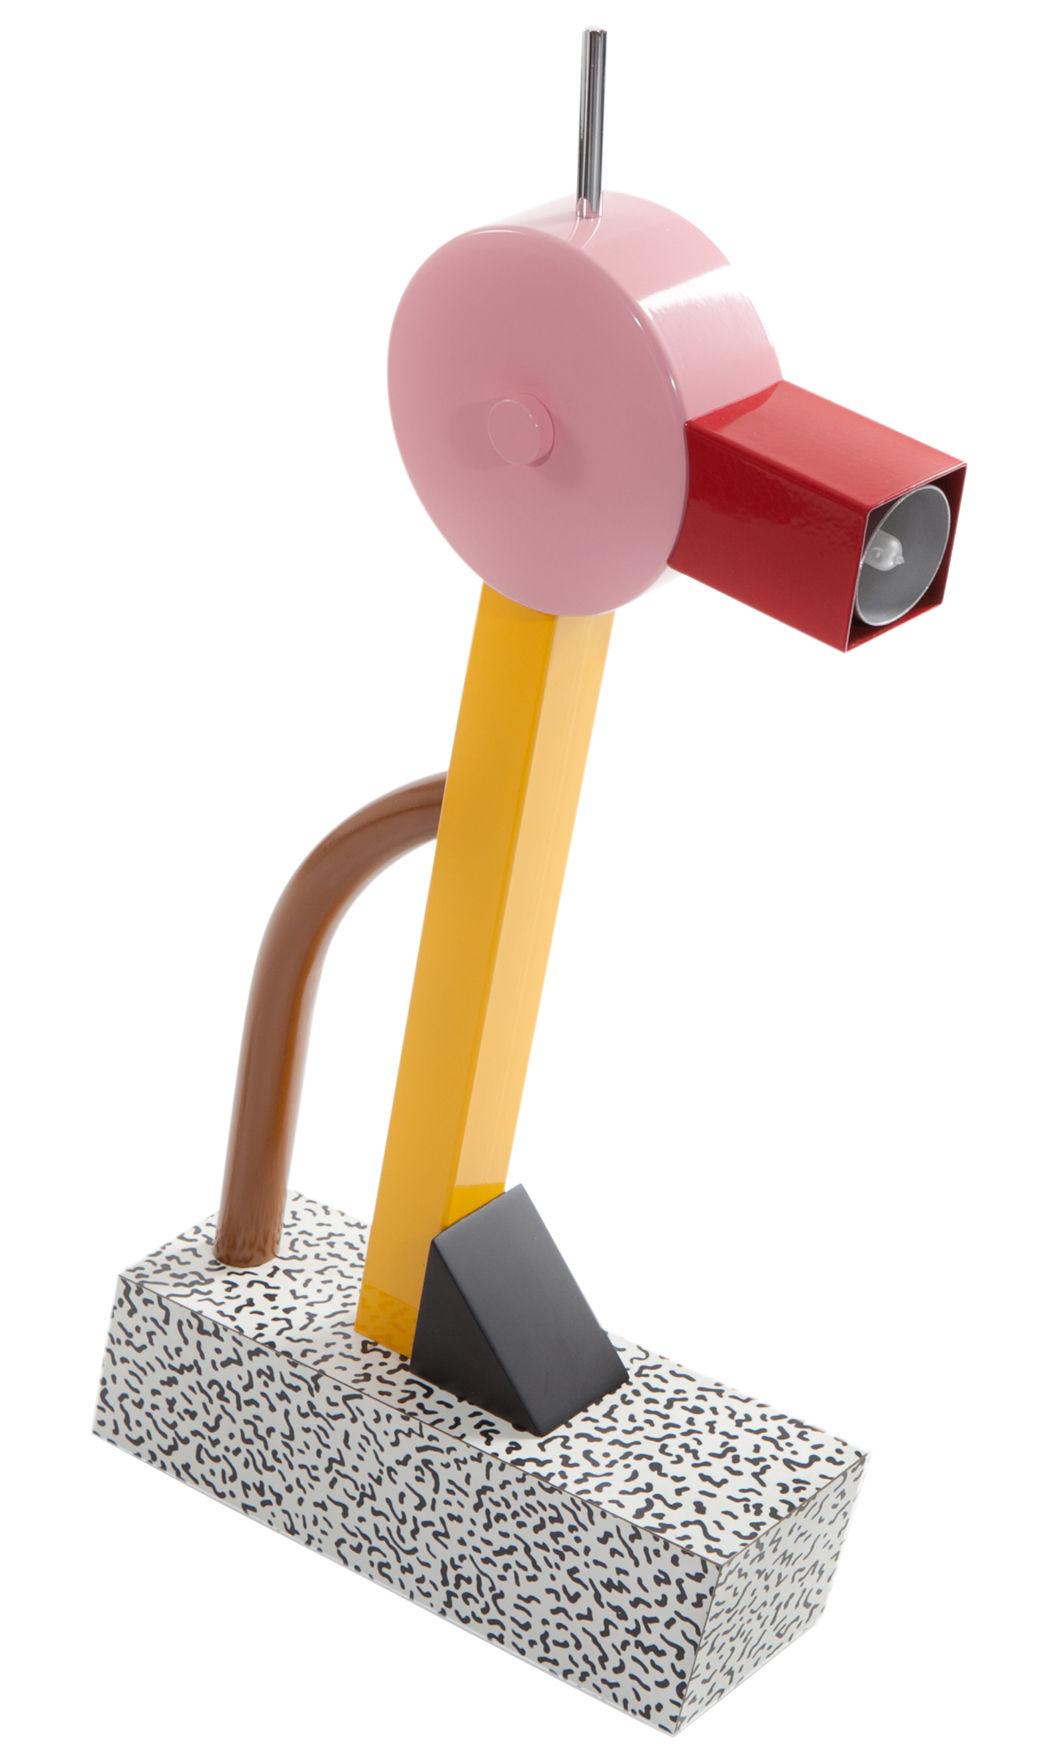 Illuminazione - Lampade da tavolo - Lampada da tavolo Tahiti - by Ettore Sottsass / 1981 di Memphis Milano - Multicolore - Laminato plastico, metallo laccato